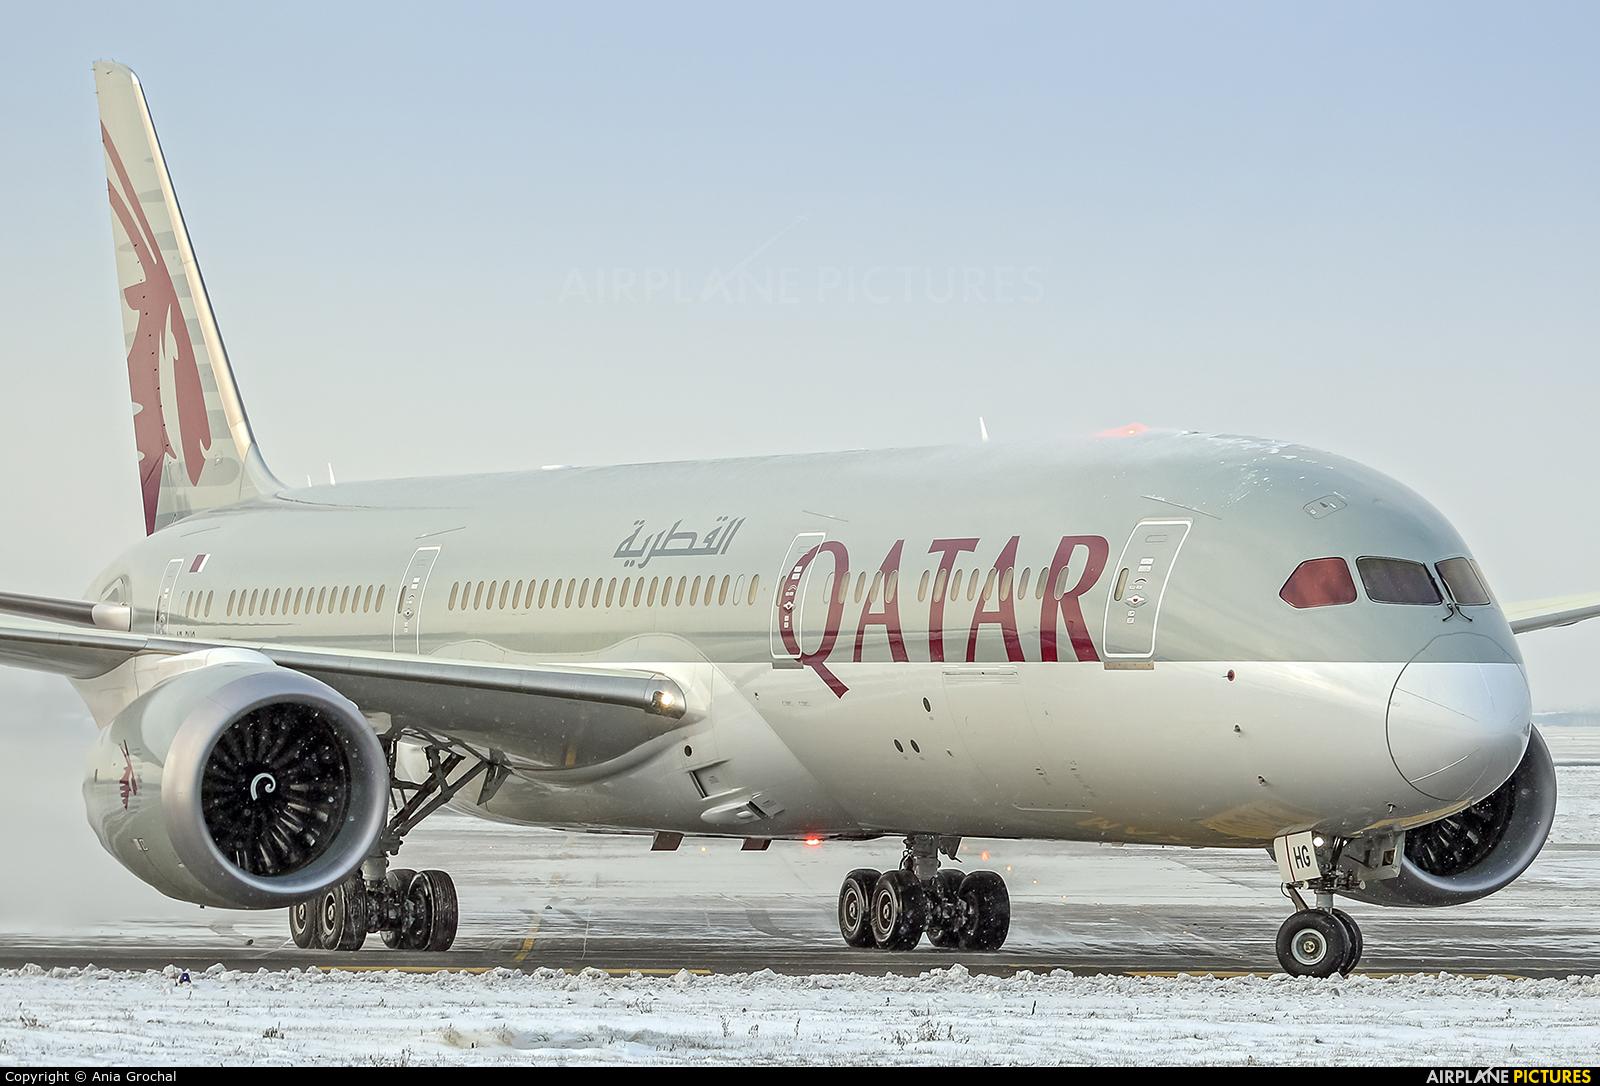 Qatar Airways A7-BHG aircraft at Warsaw - Frederic Chopin